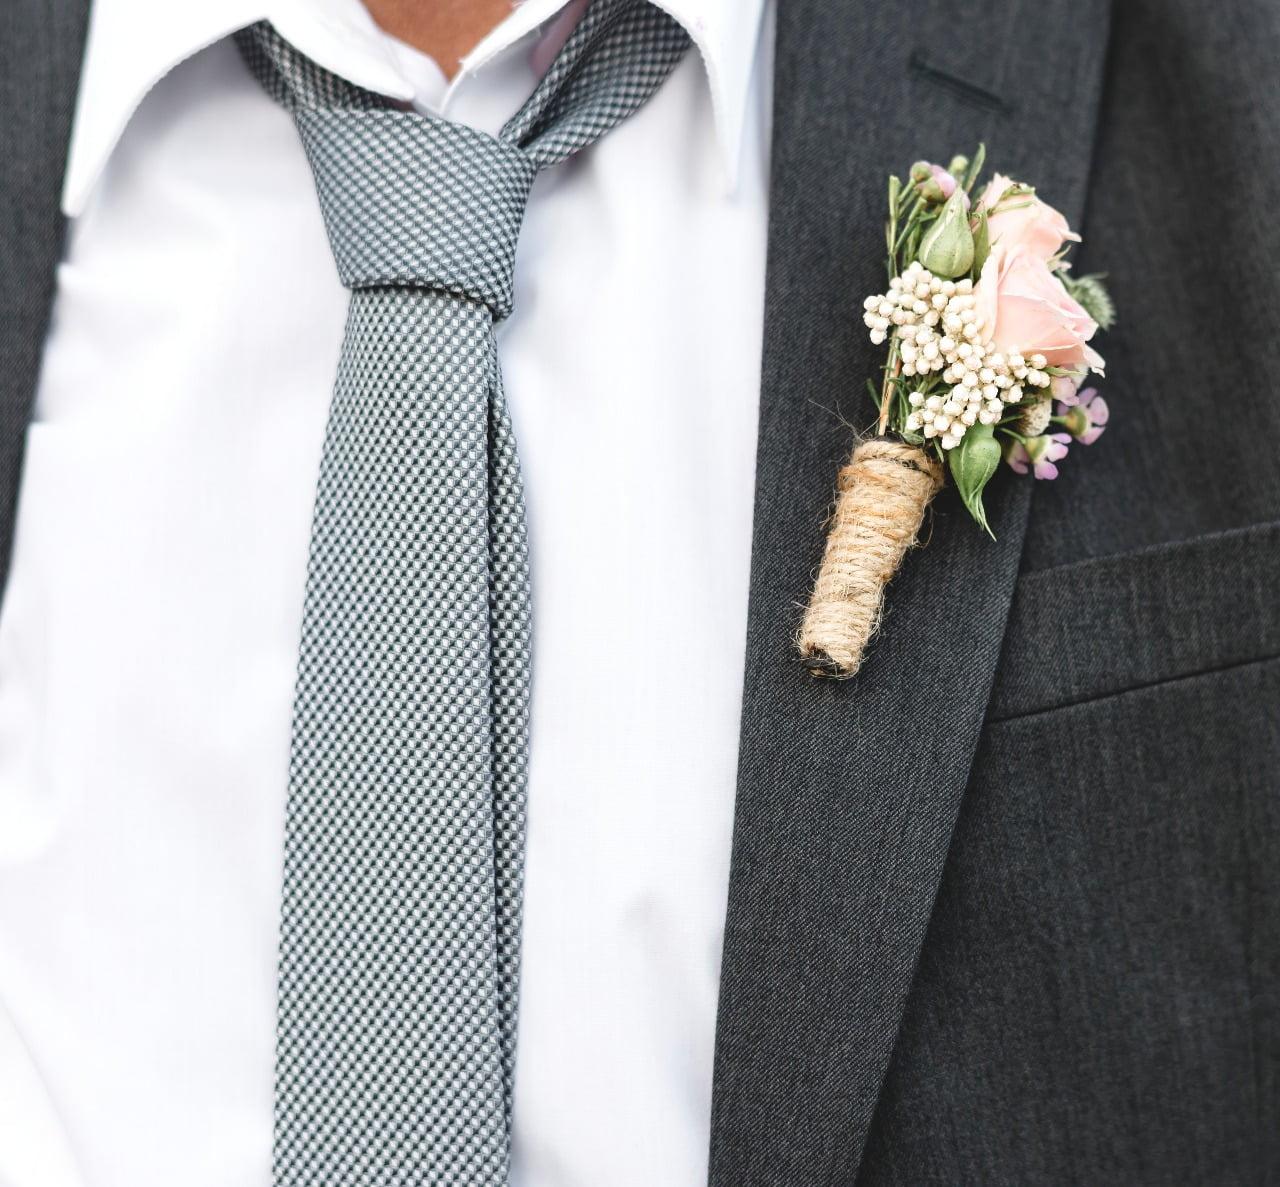 Hora da gravata no casamento – Fazer ou não?